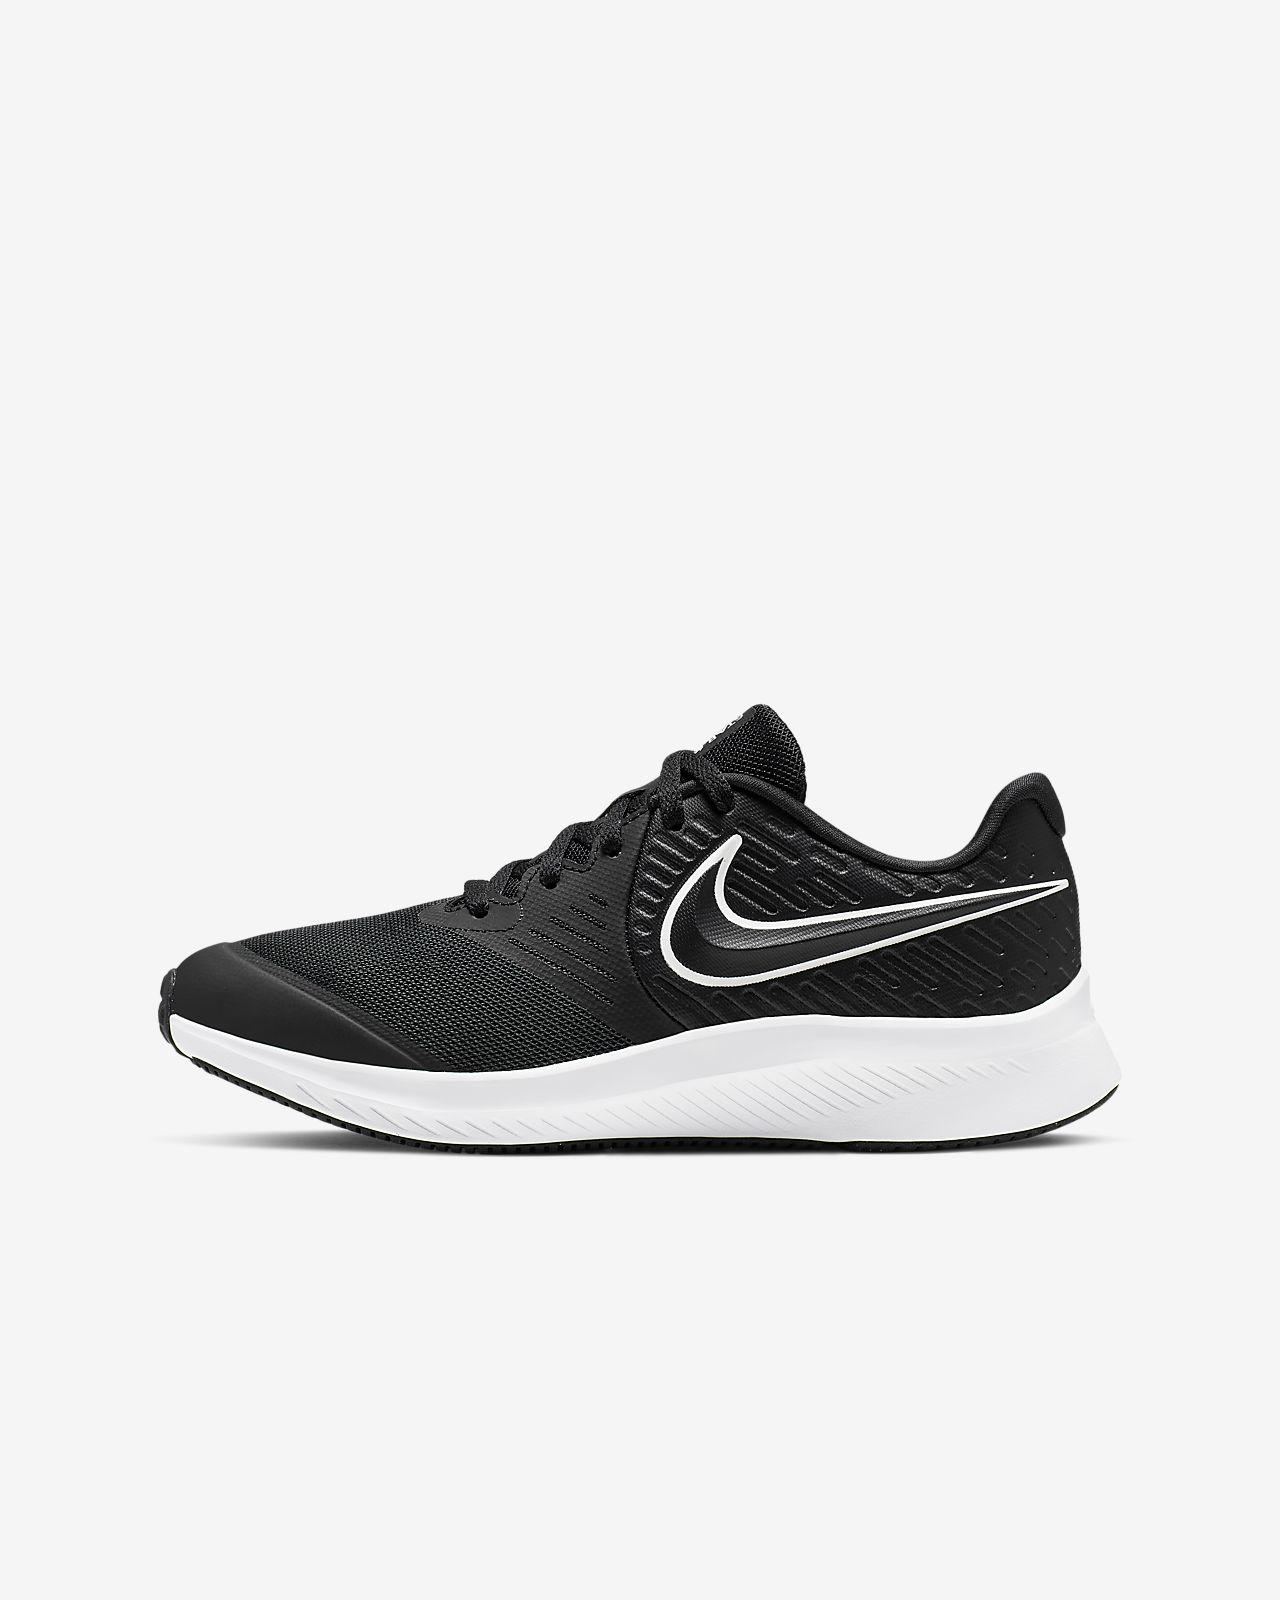 Older Kids' Running Shoe. Nike DK